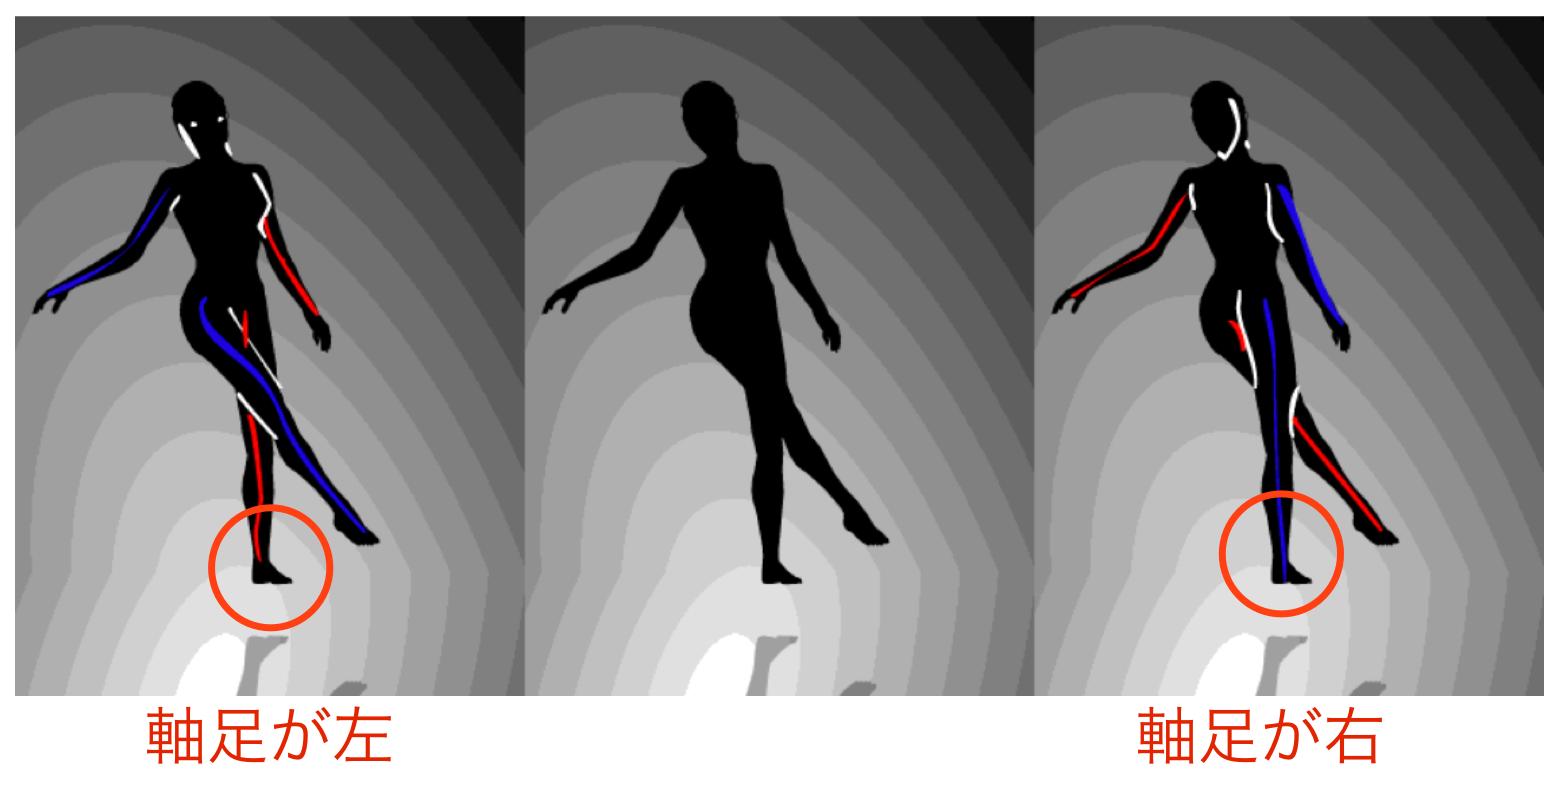 スクリーンショット 2014-11-03 18.46.49